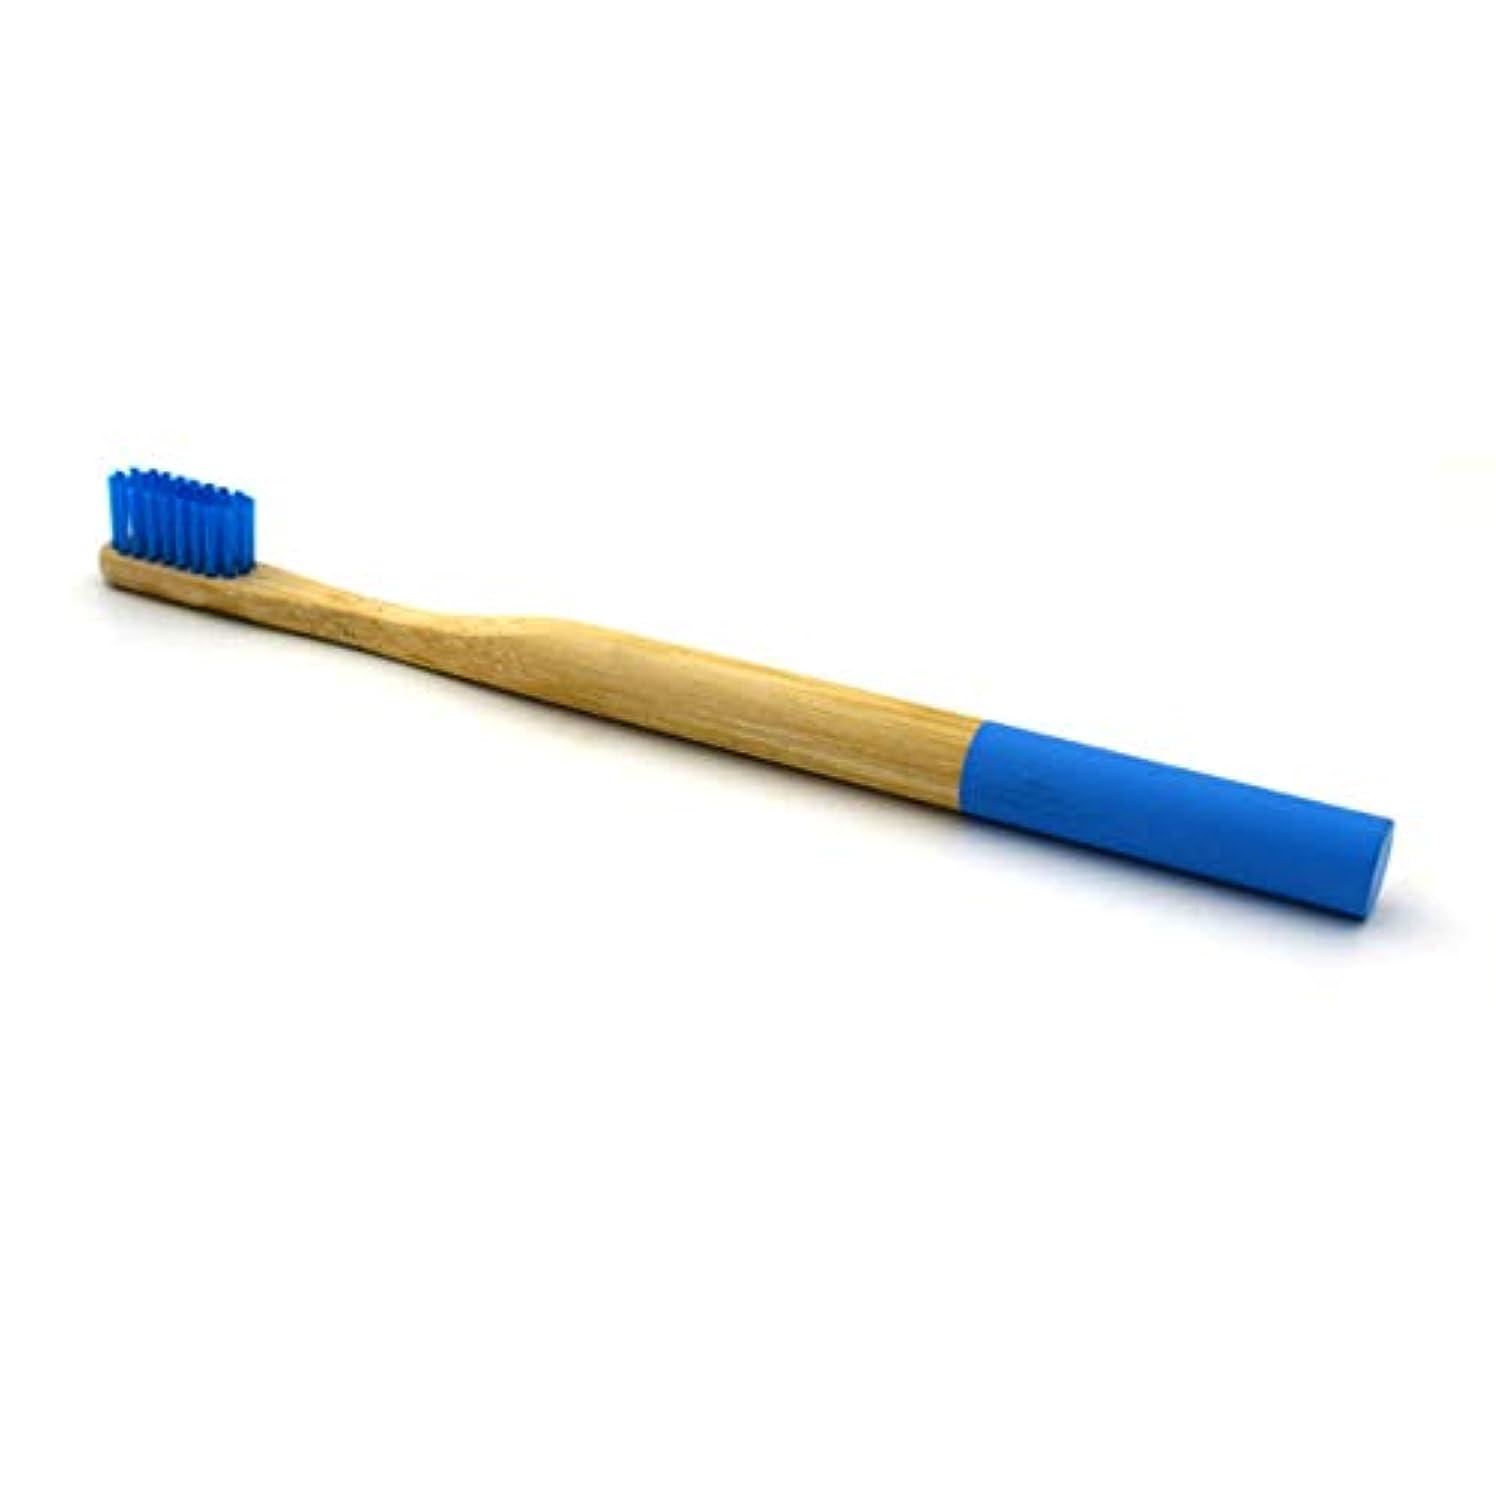 同僚ディスカウントテレビを見るSUPVOX 柔らかい毛の丸いハンドル付きの天然竹歯ブラシ